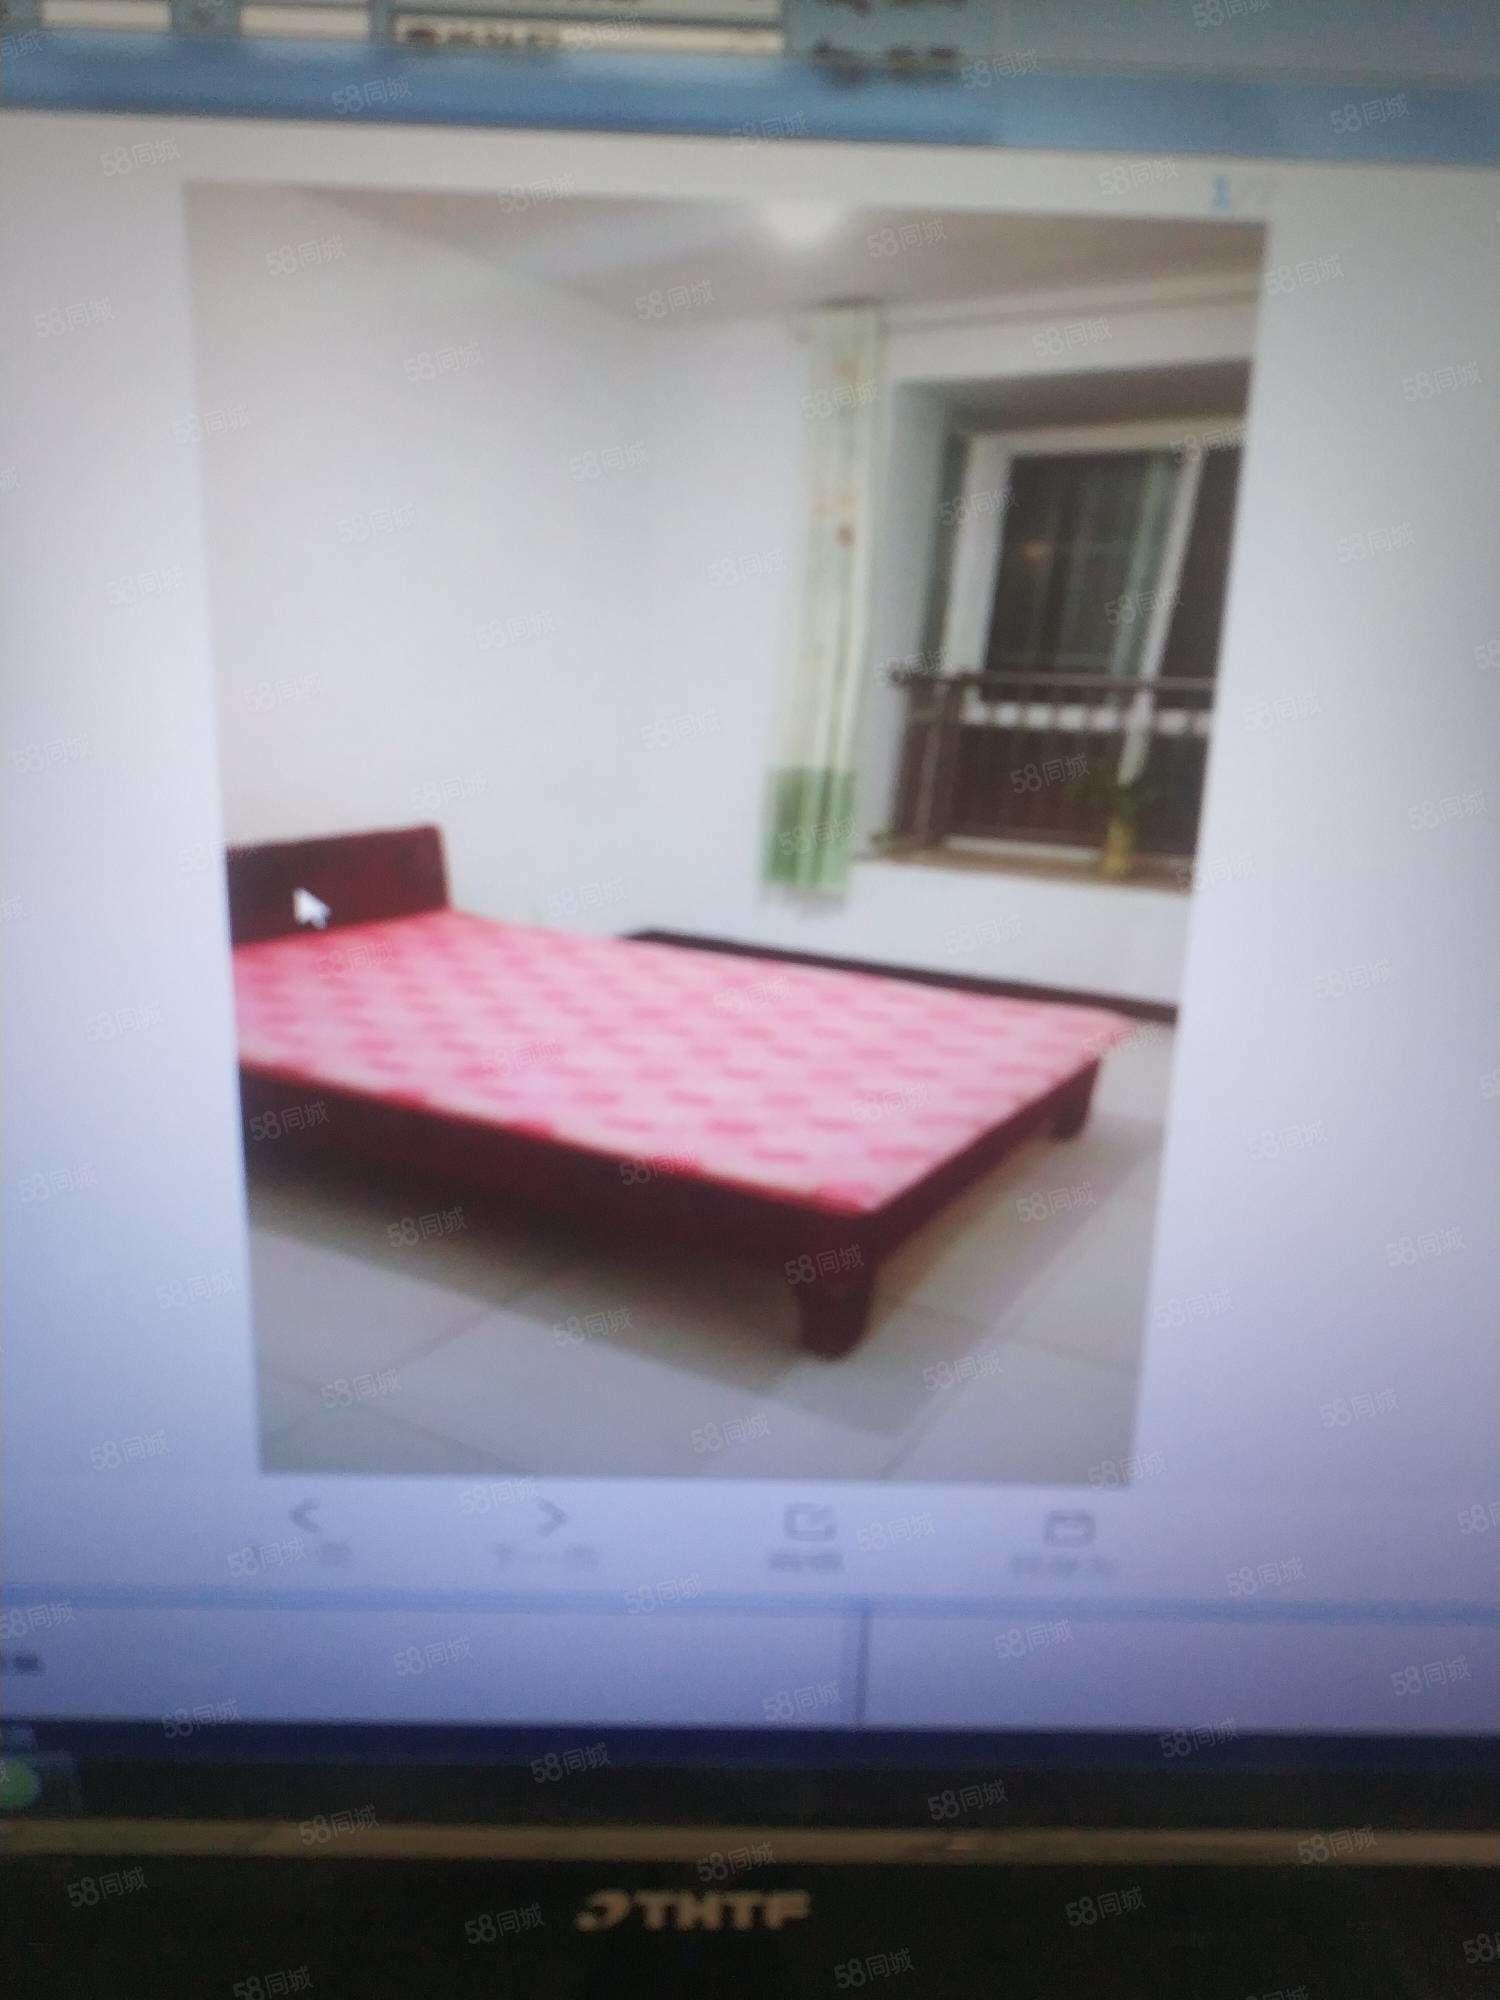 梅溪馨居三室两厅一卫,简单装修干净卫生,家具家电齐全拎包入住